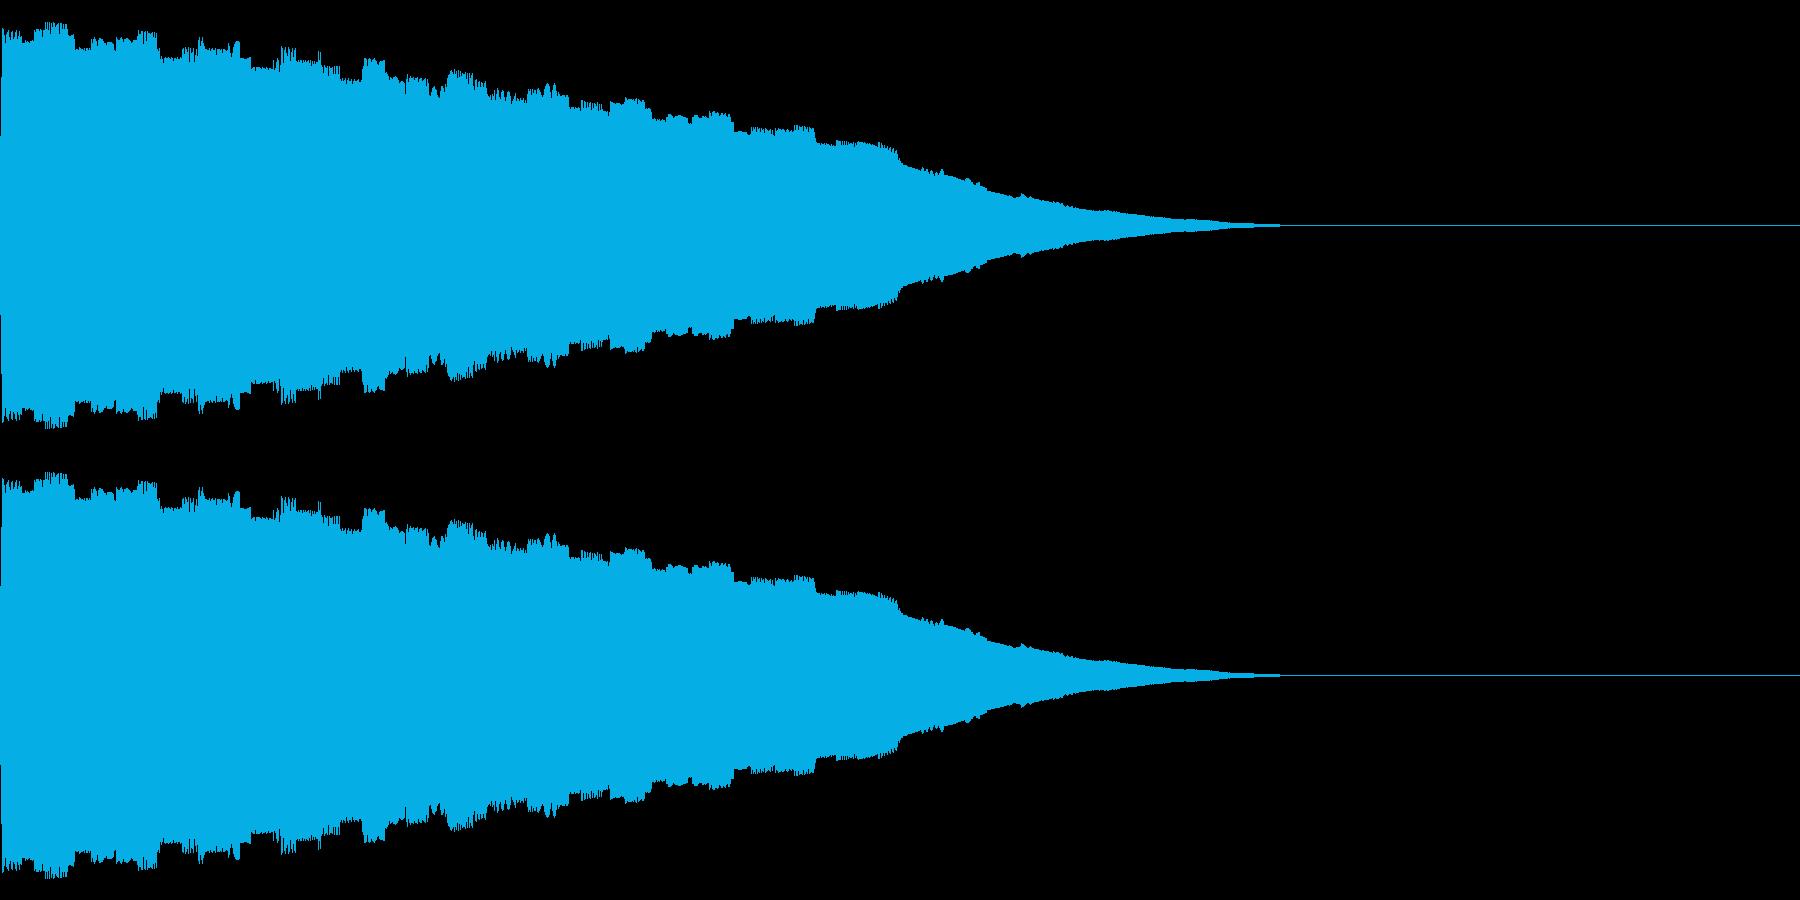 ピロピロ(ワープ/宇宙ピコピコSFの再生済みの波形